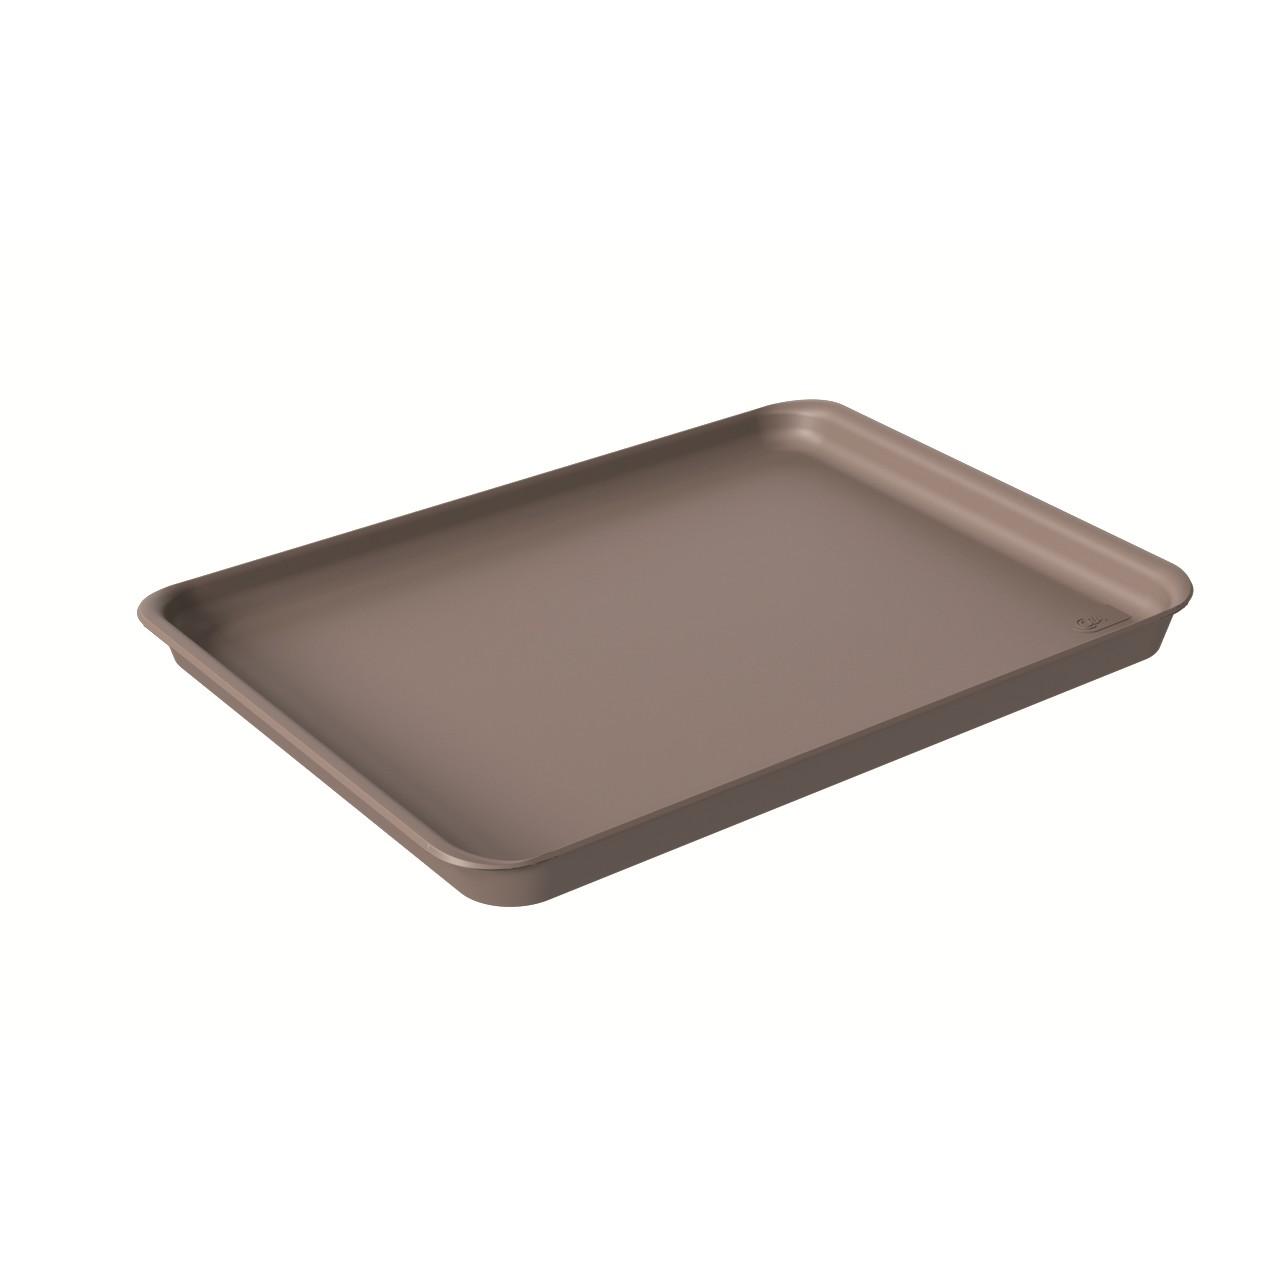 Bandeja Retangular de Plastico 32x23cm Warm Gray - Coza